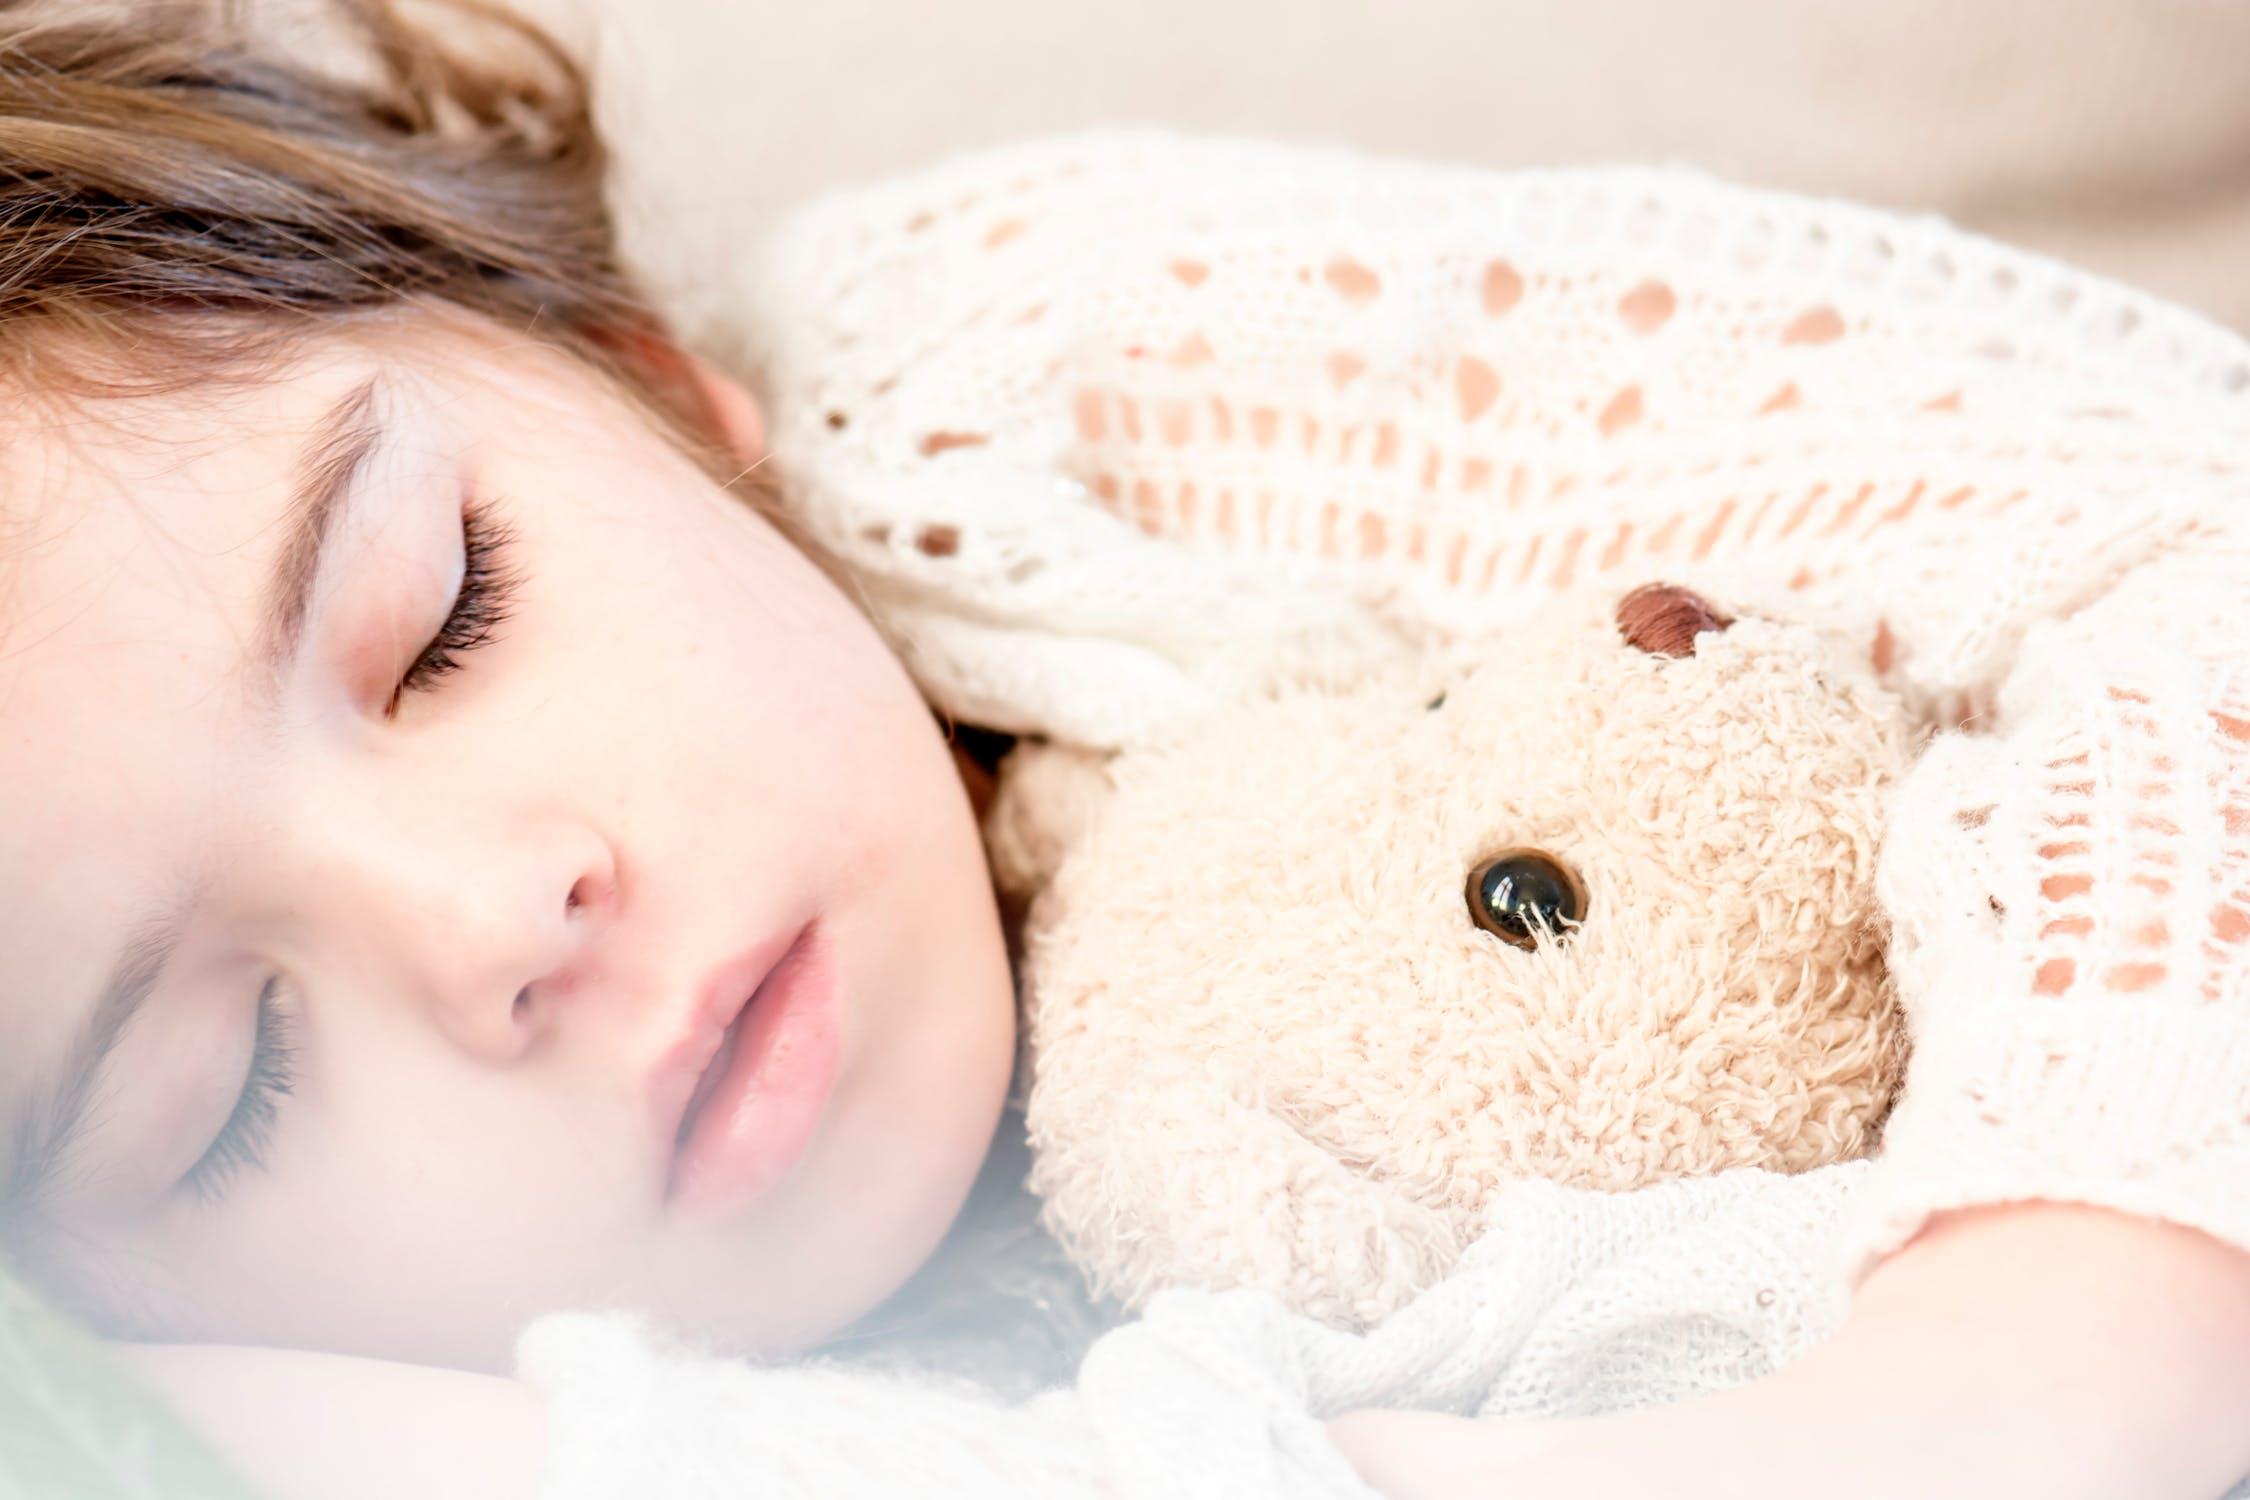 Søvn er vigtigt for din familie og sunhed